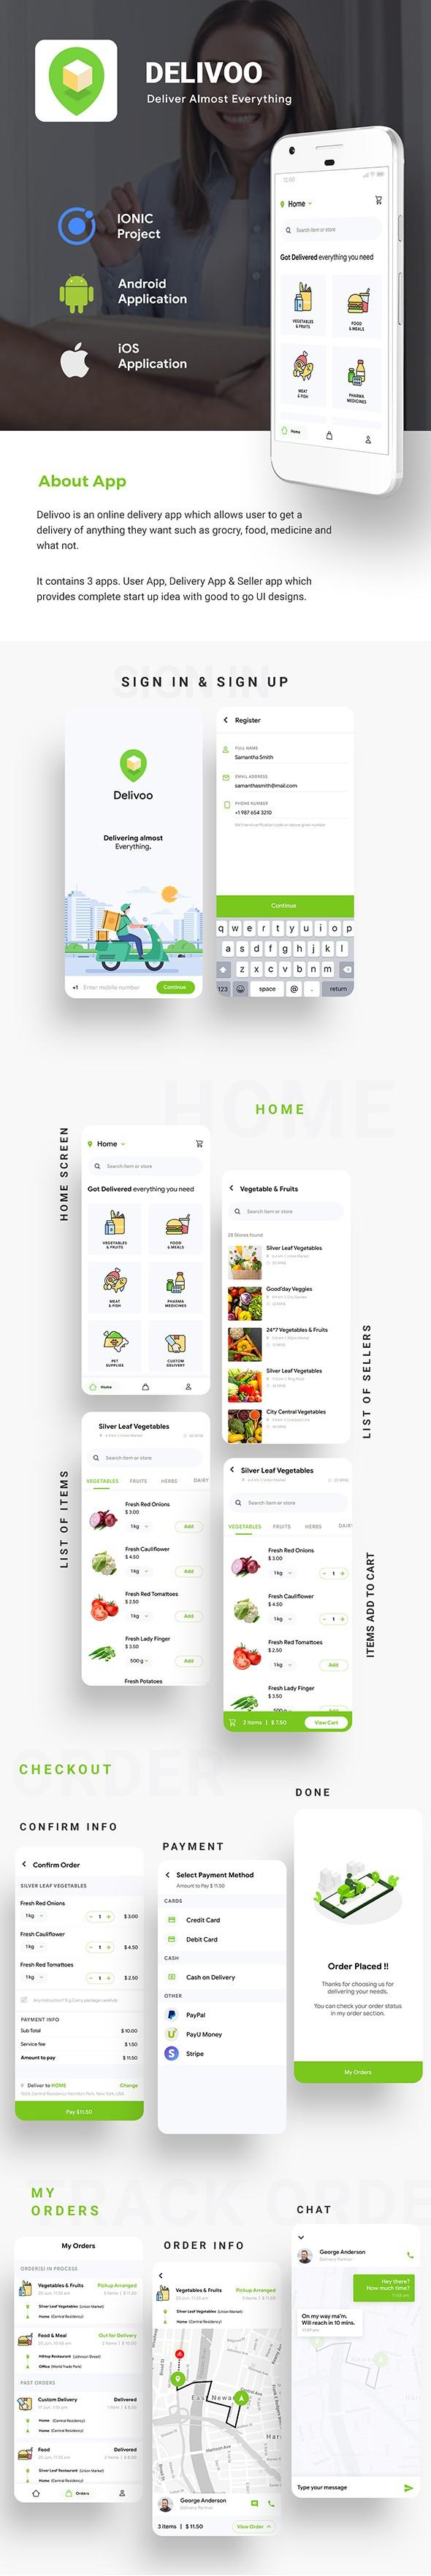 Modèle d'application de livraison de commerce électronique Android + iOS |  3 applications utilisateur + fournisseur + livraison |  IONIC 5 |  Delivoo - 5